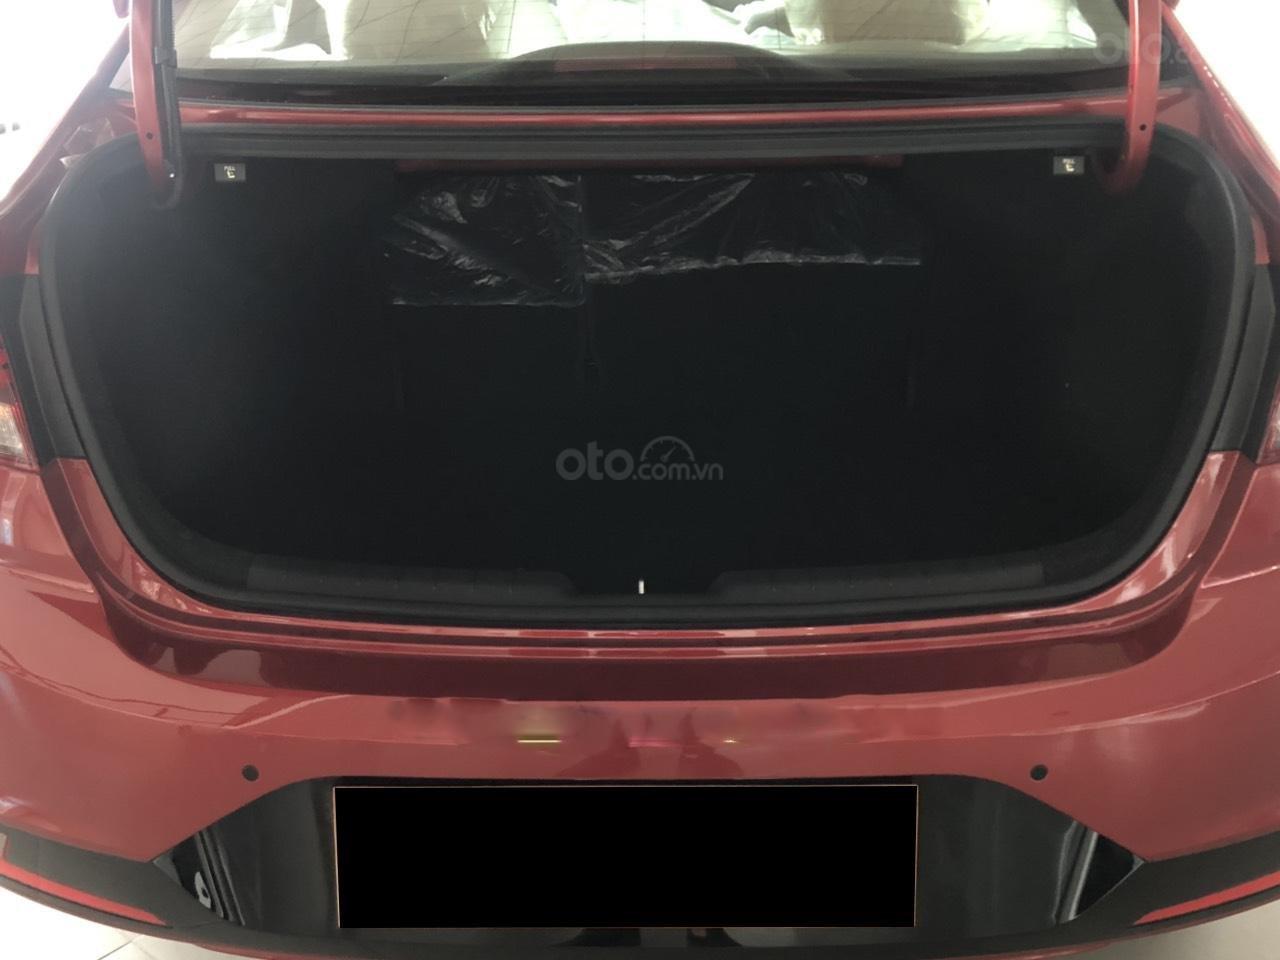 Hyundai Elentra 2019 - Giá tốt - Xe sẵn - Bank bao đậu-5